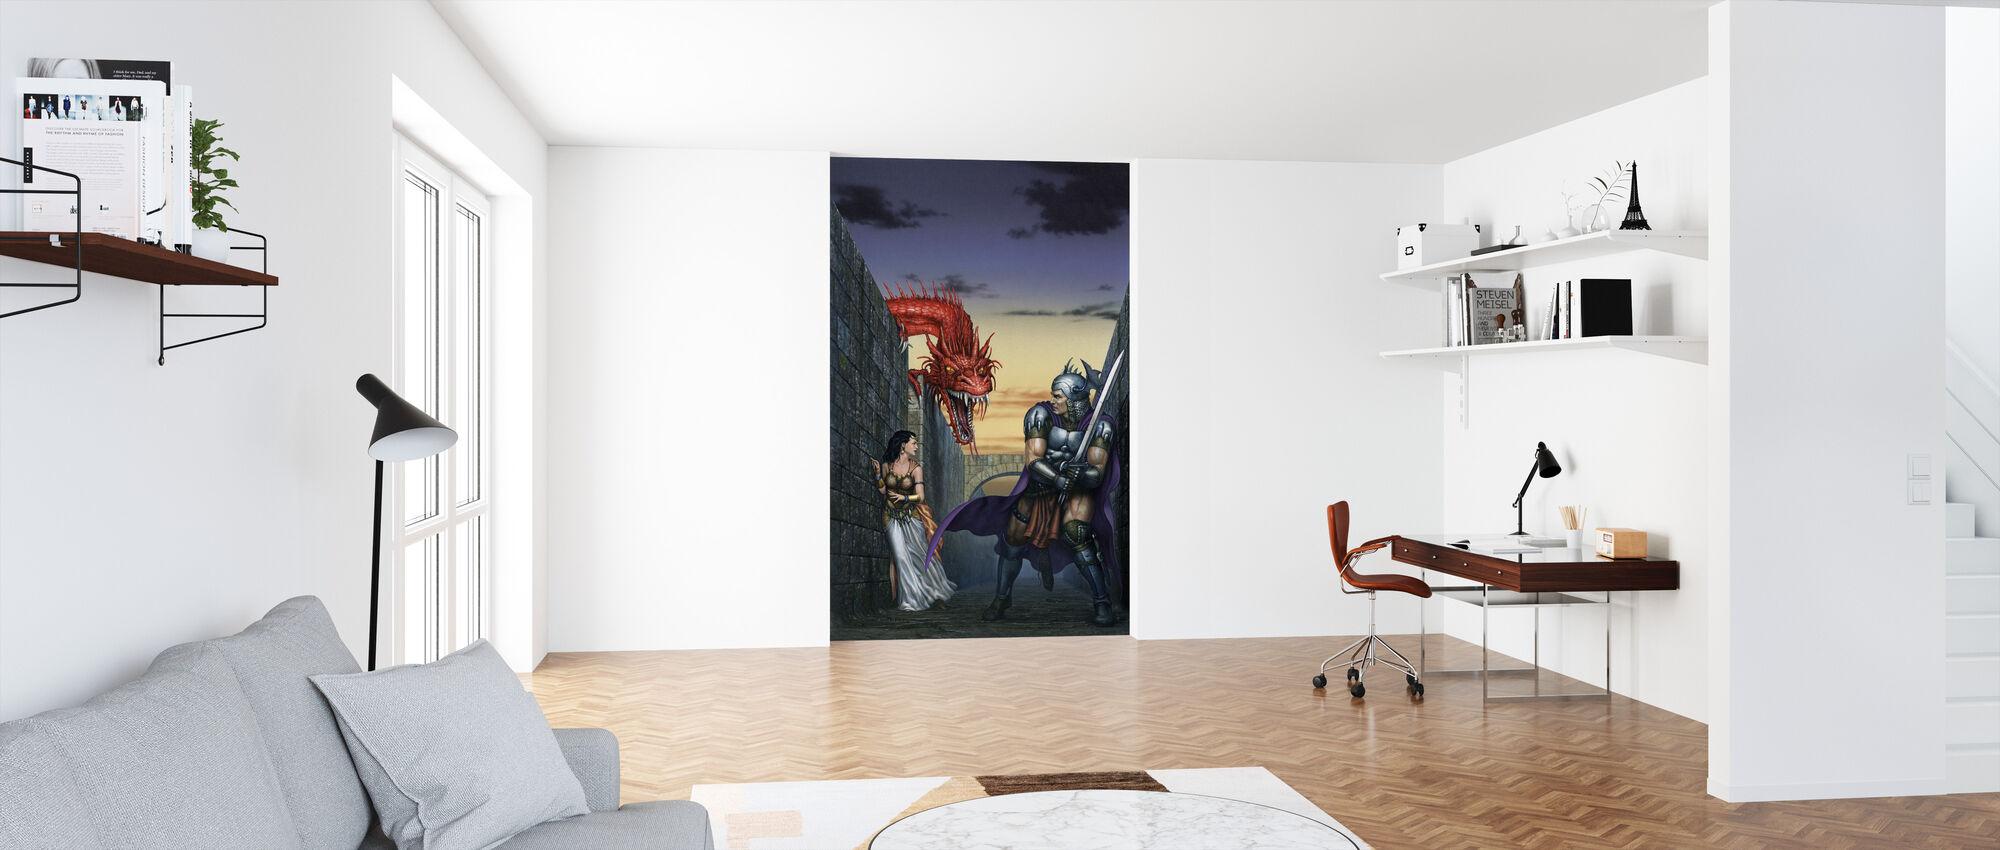 Maze - Wallpaper - Office